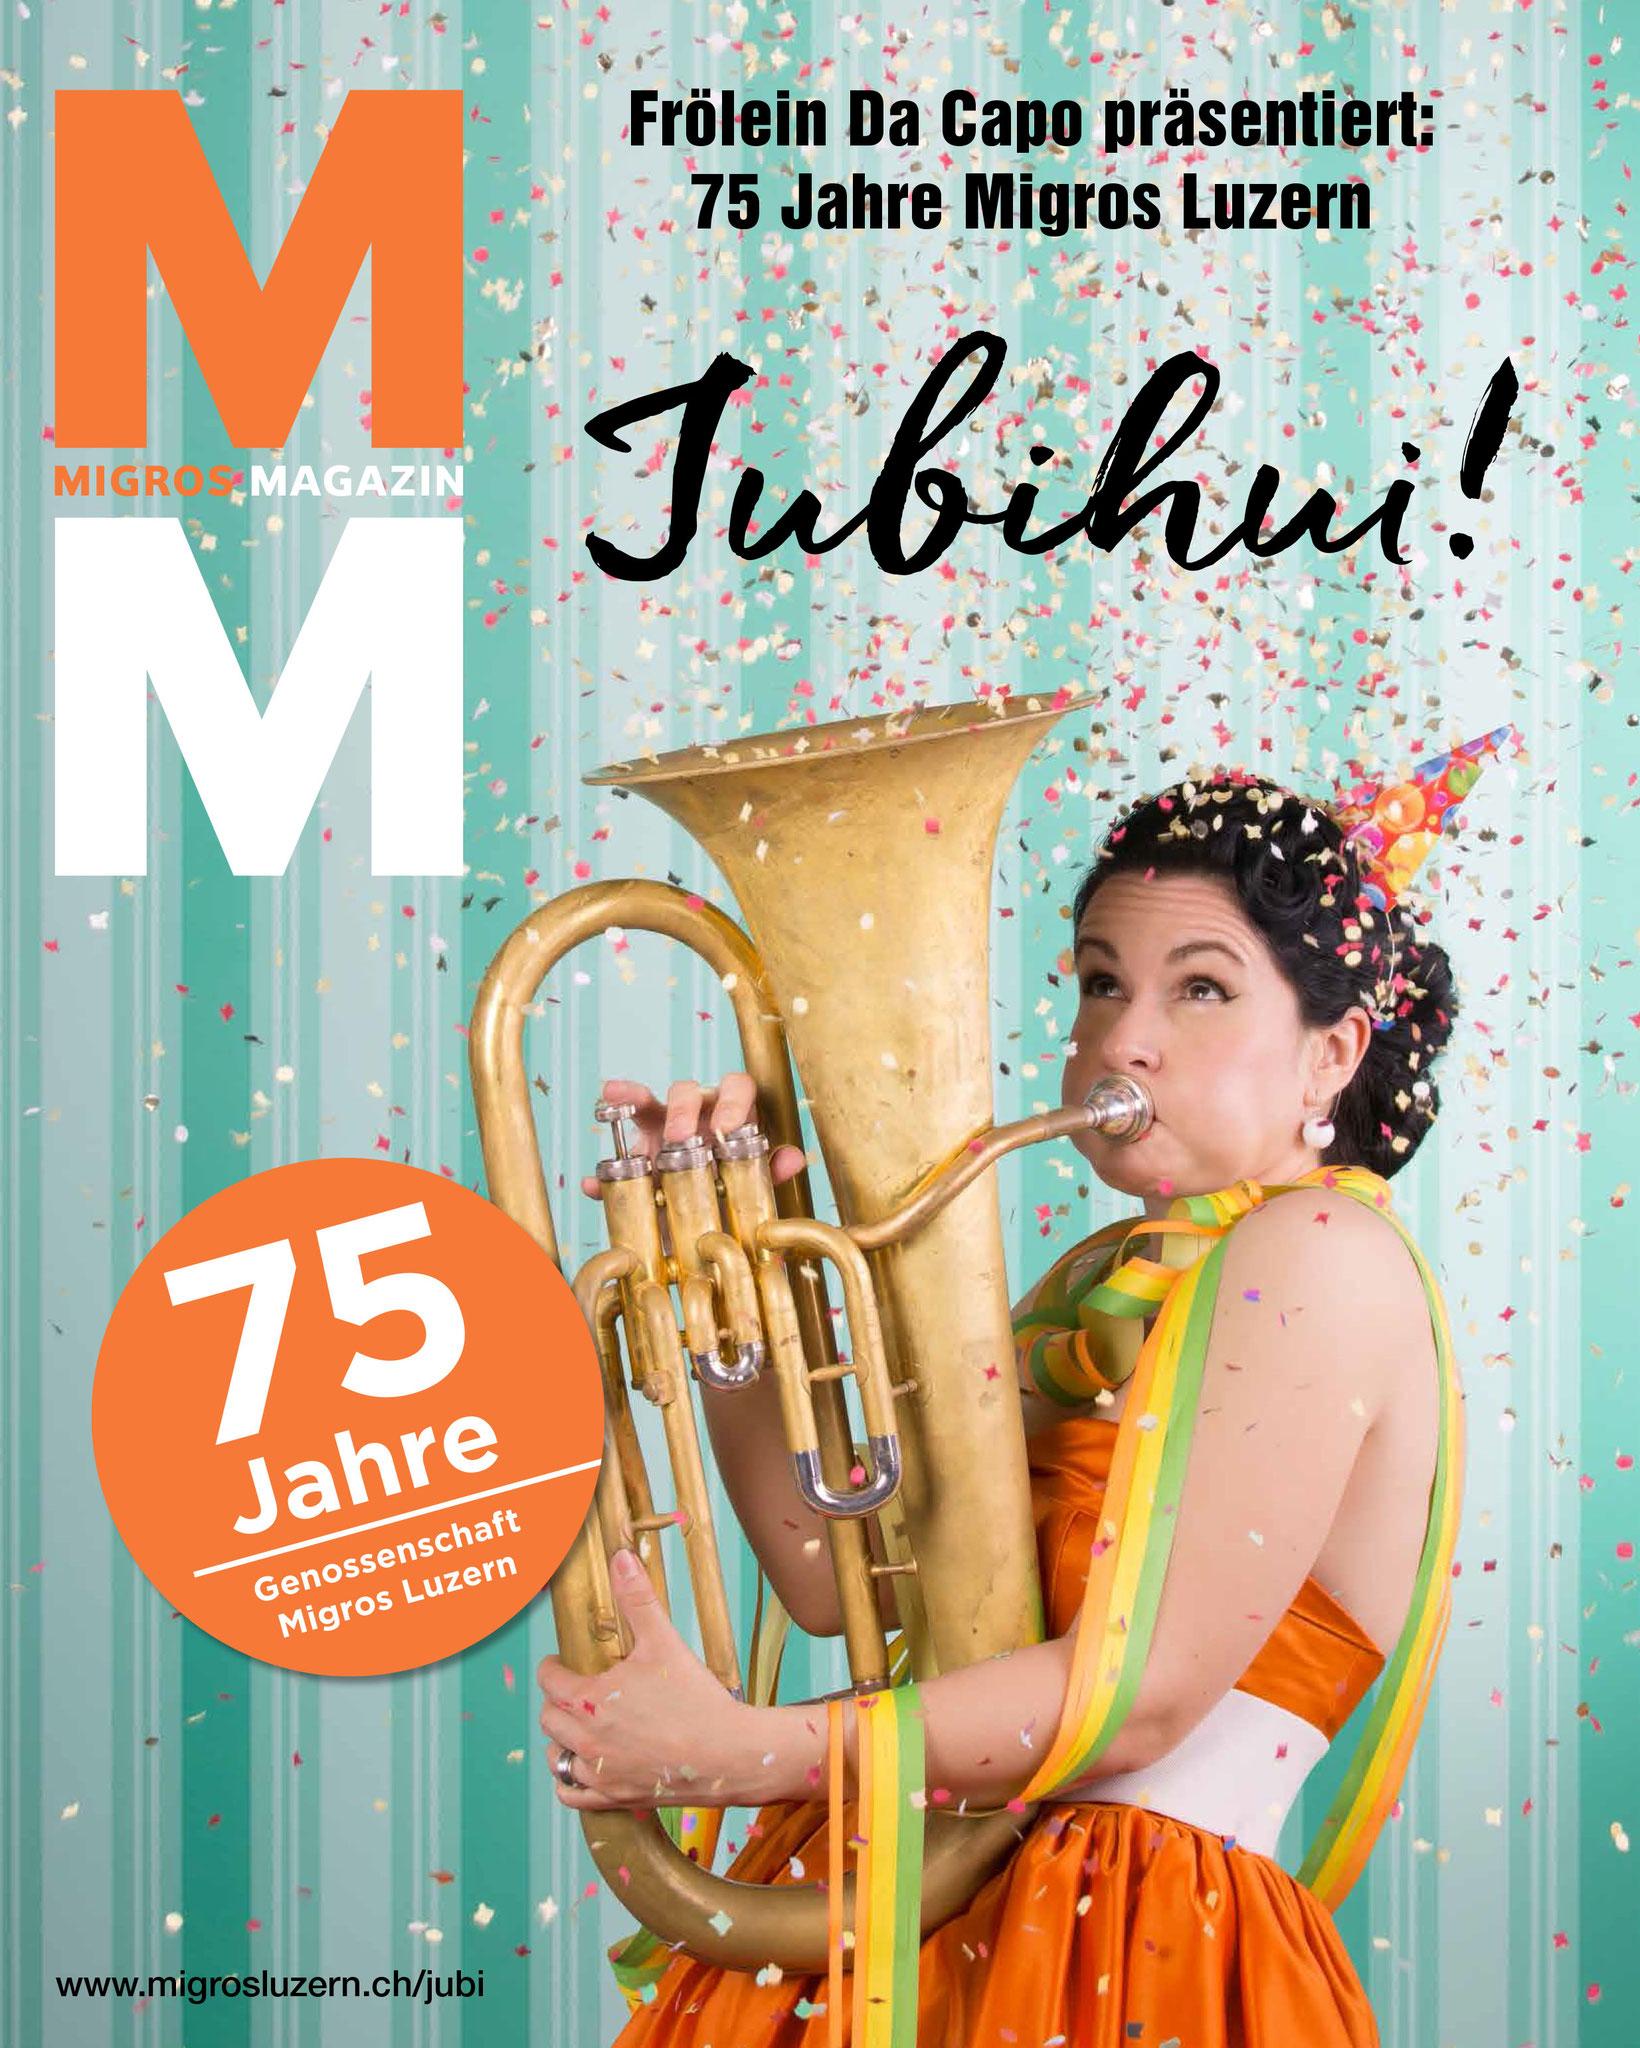 Titelseite Migros Magazin KW 28